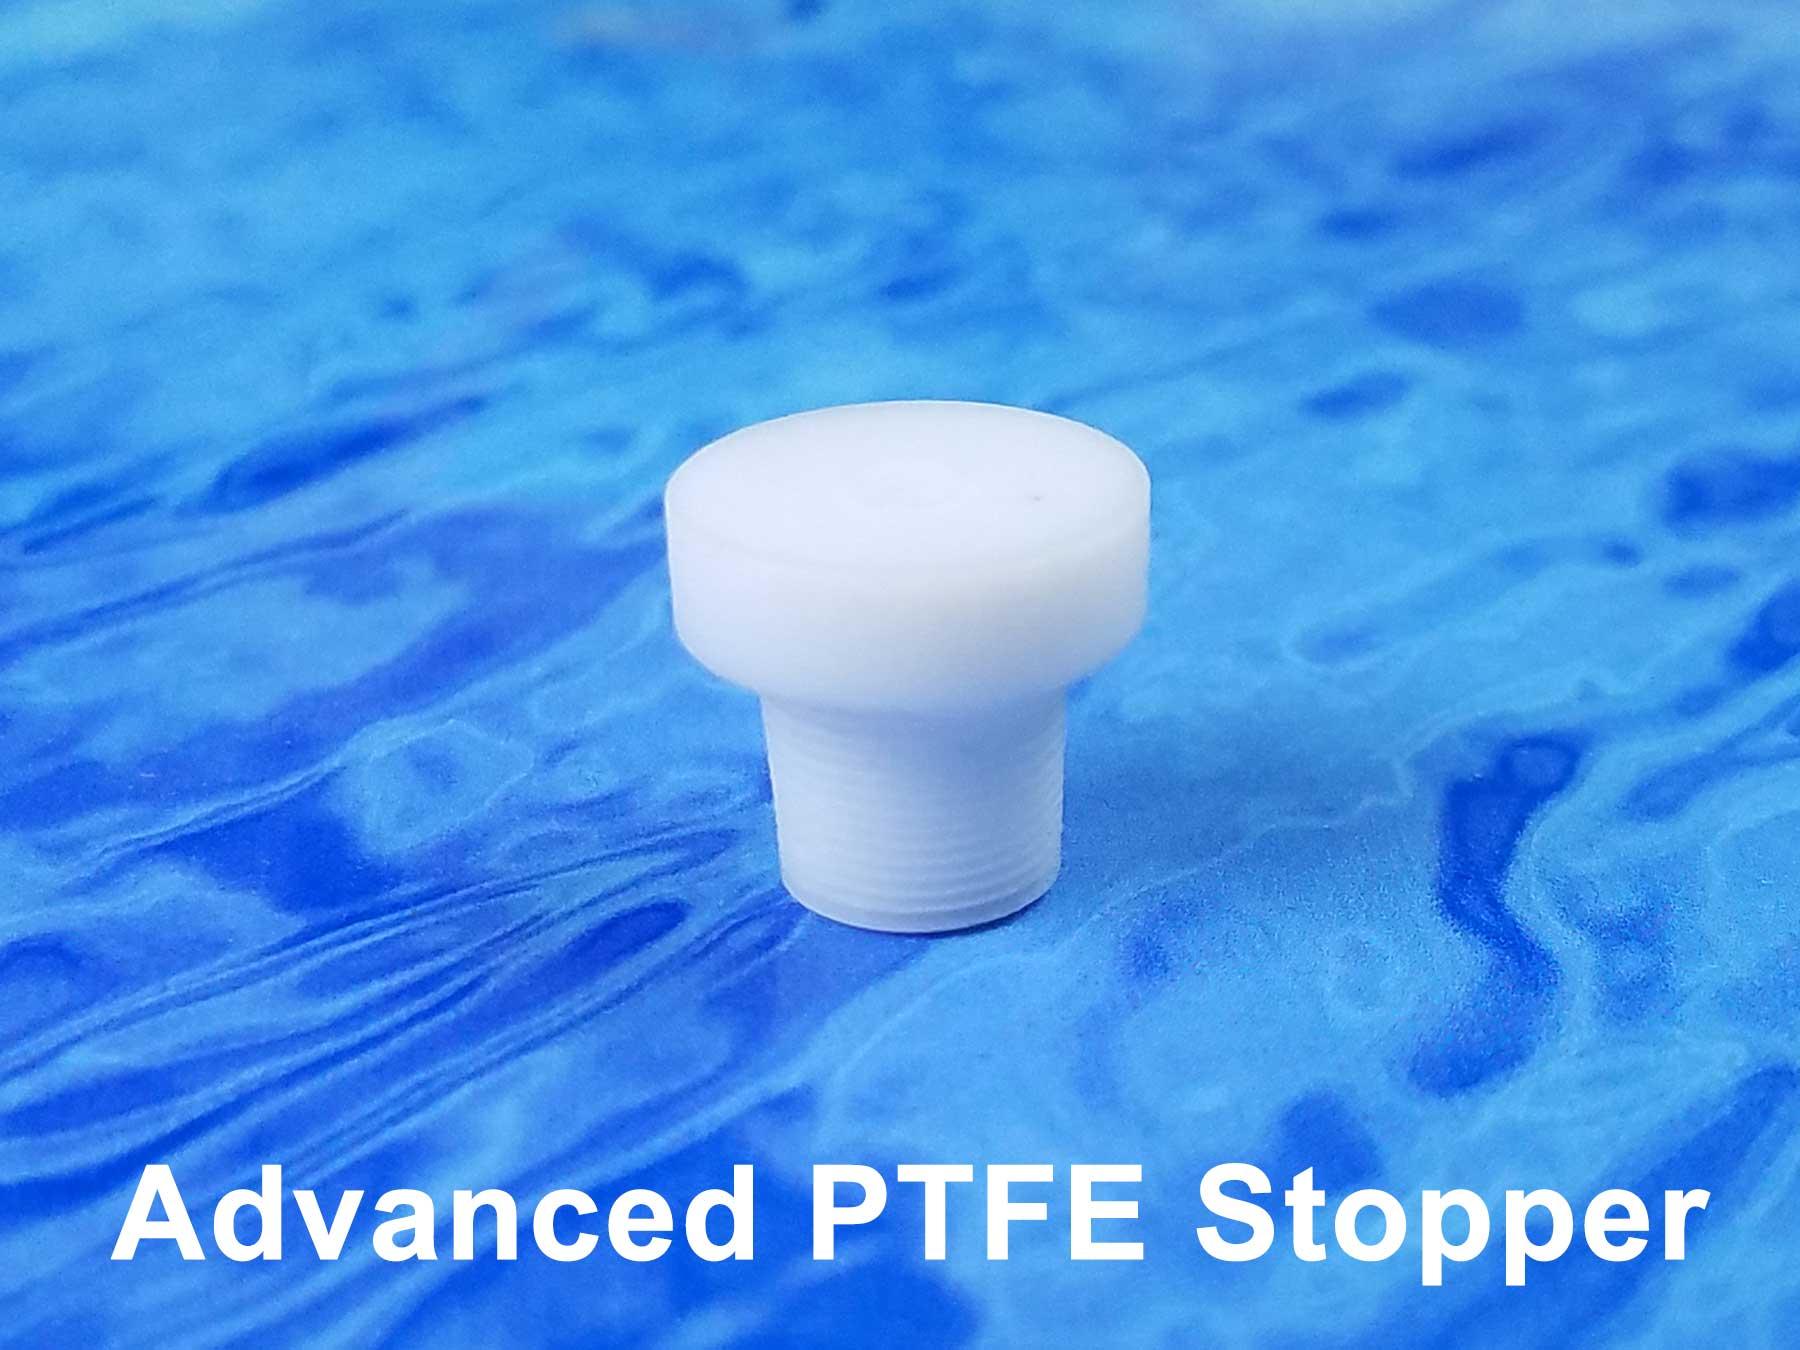 fireflysci-advance-PTFE-stopper.jpg